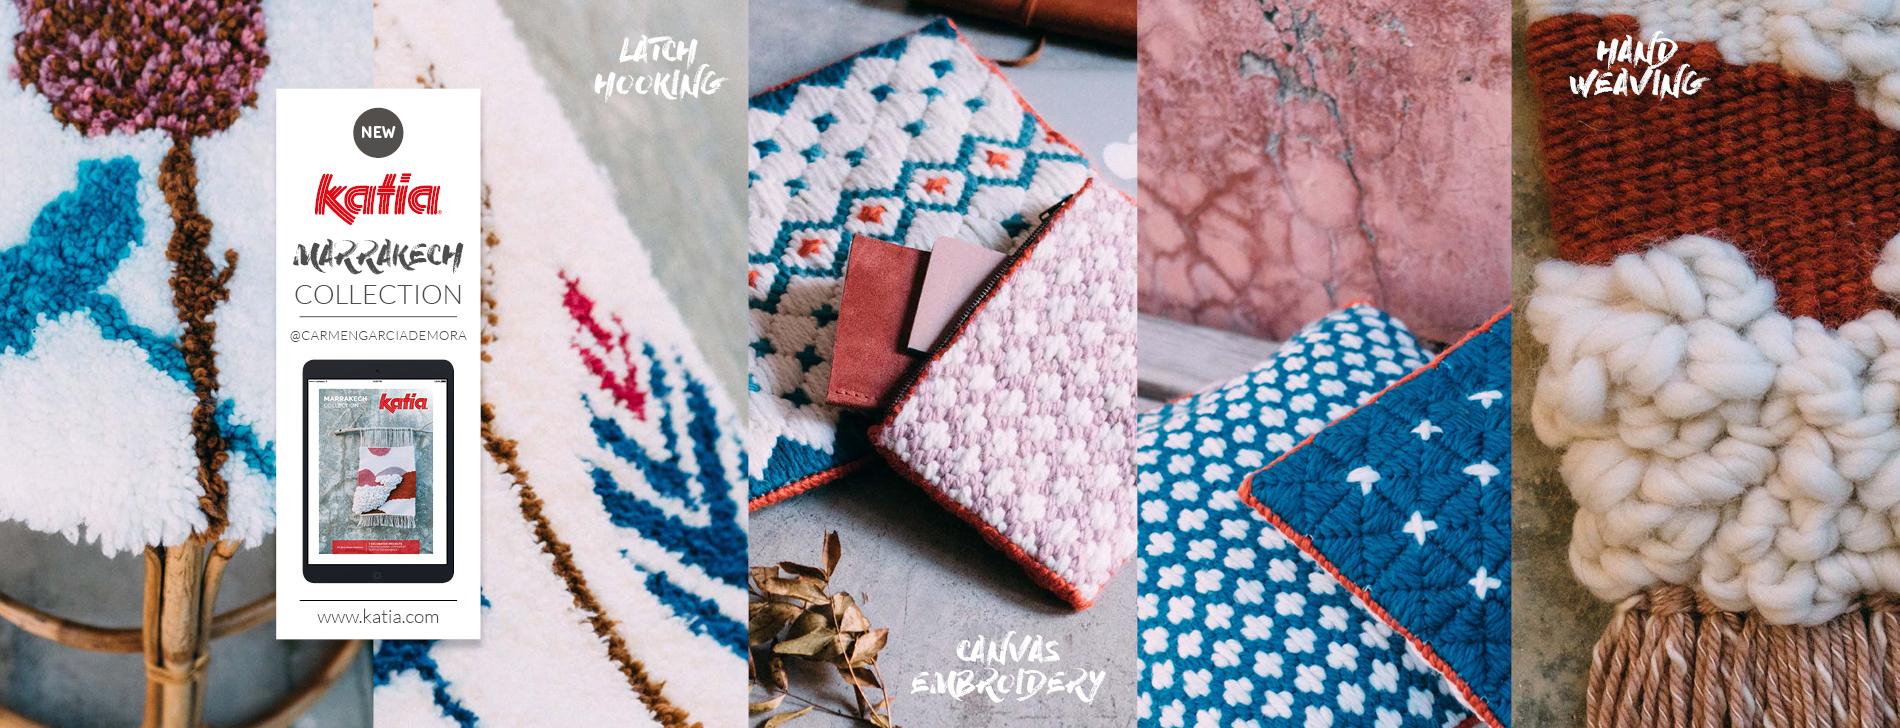 textile techniques videos